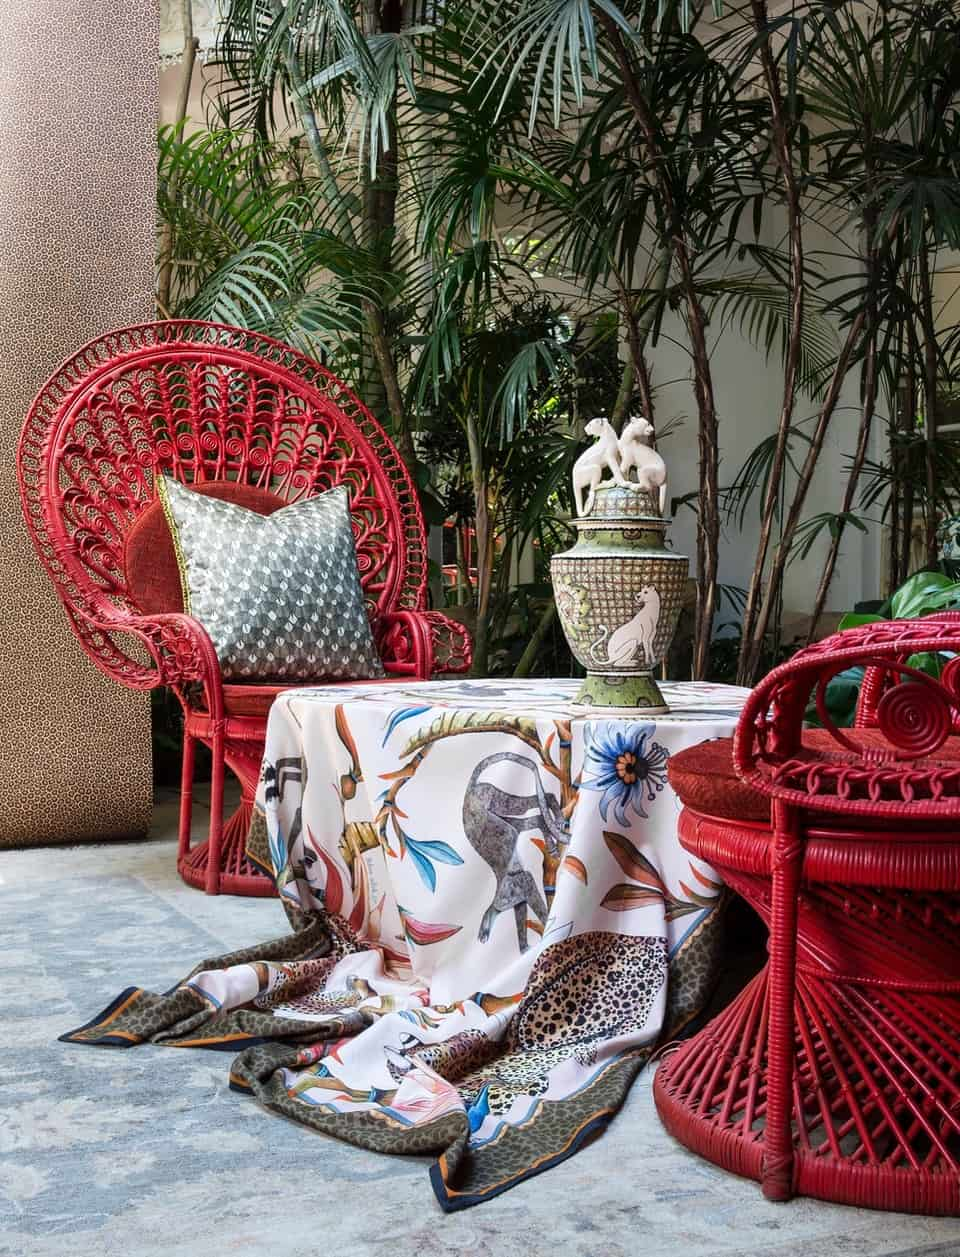 Bifi Italia distributore esclusivo in Italia di Ardmore Ceramics & Design